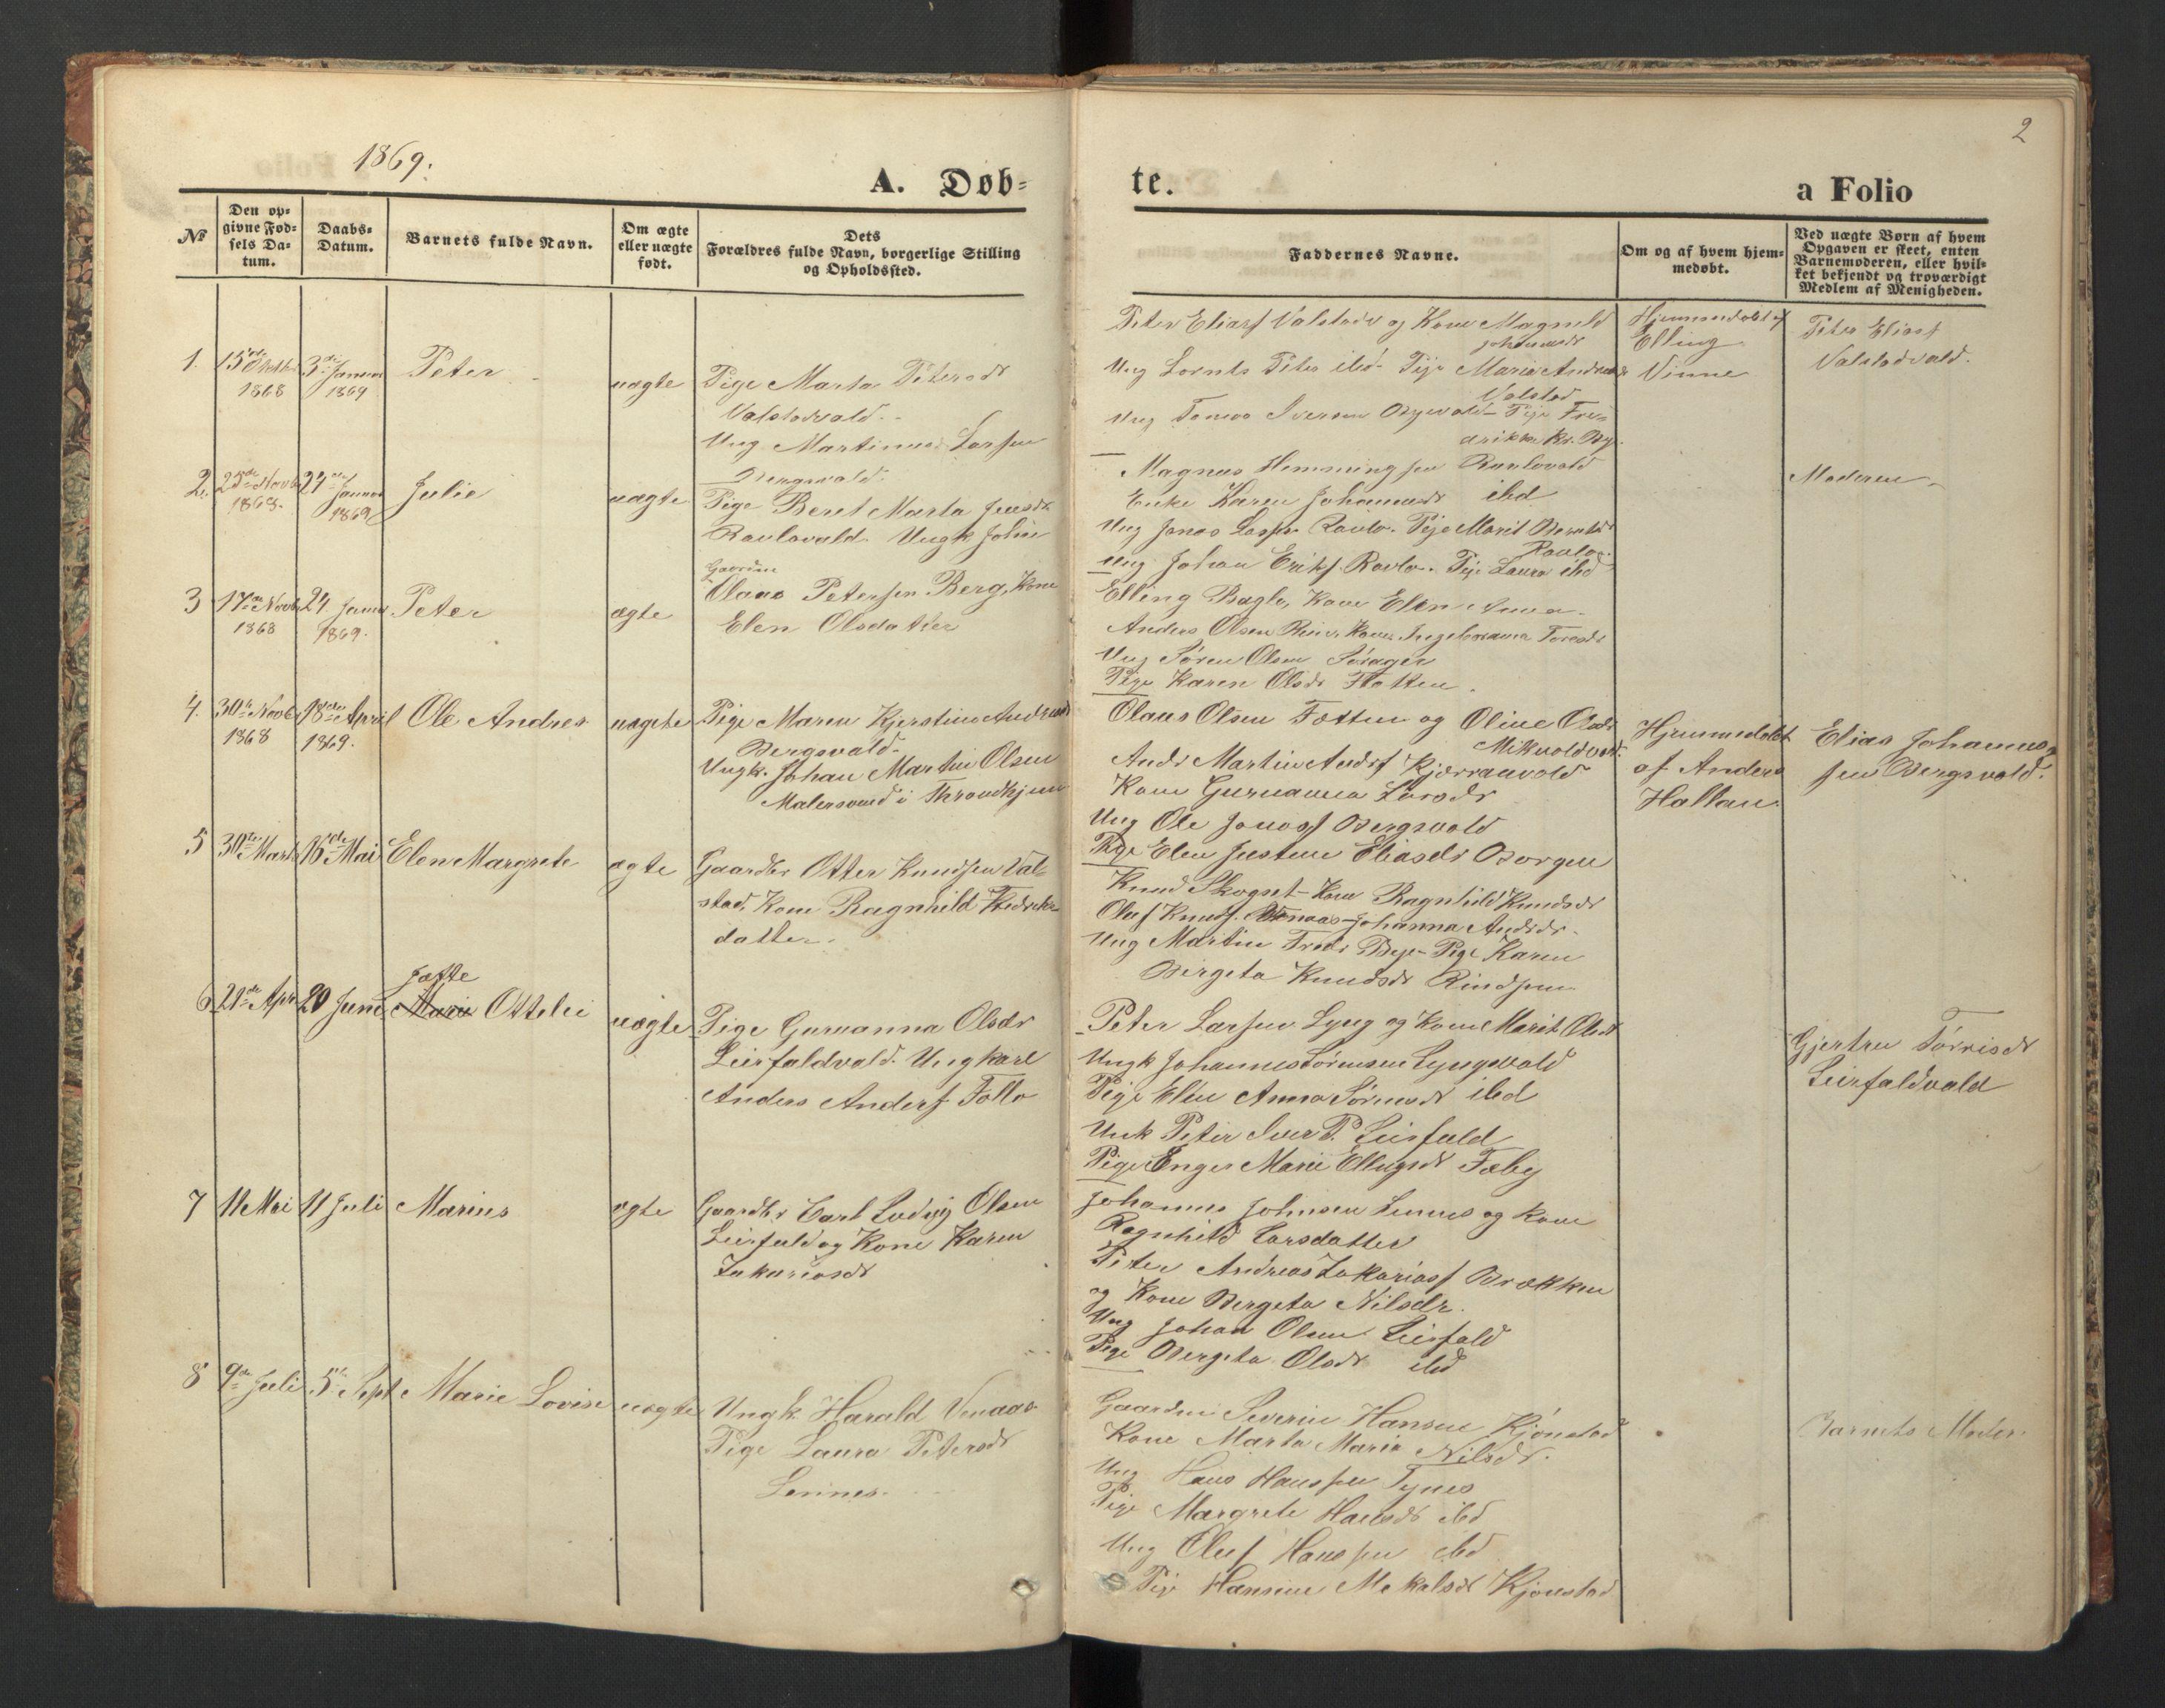 SAT, Ministerialprotokoller, klokkerbøker og fødselsregistre - Nord-Trøndelag, 726/L0271: Klokkerbok nr. 726C02, 1869-1897, s. 2